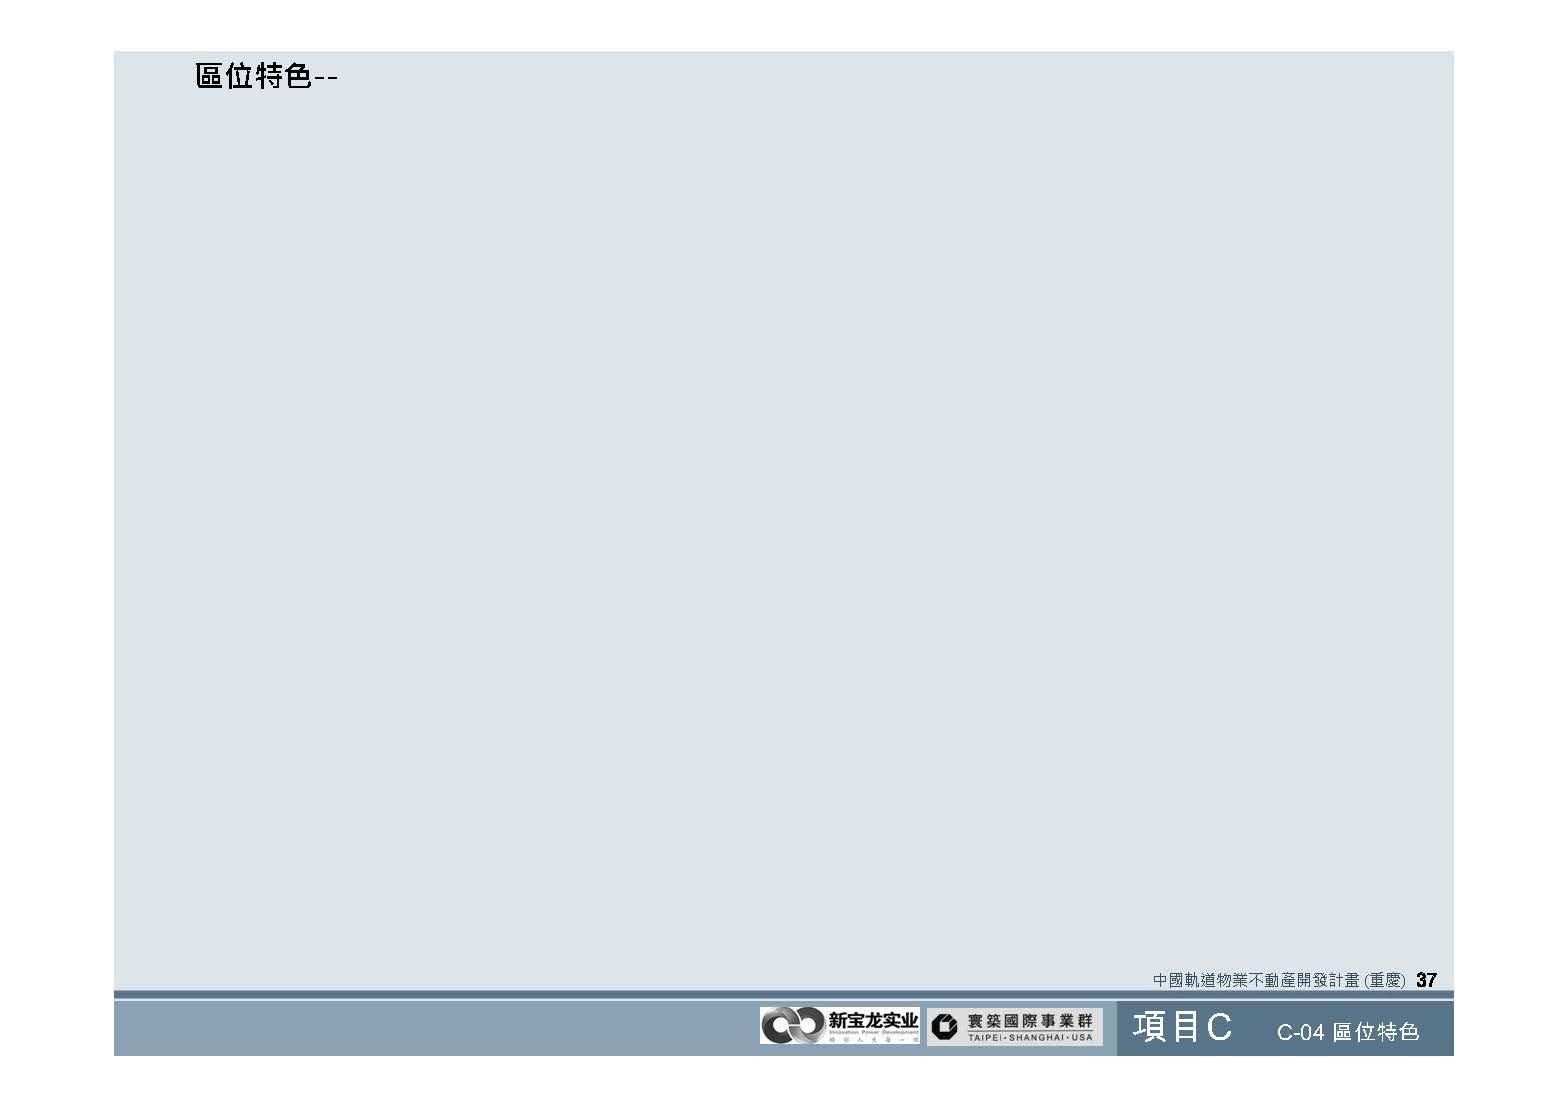 20100812-中國軌道物業不動產開發計畫(重慶)_頁面_38